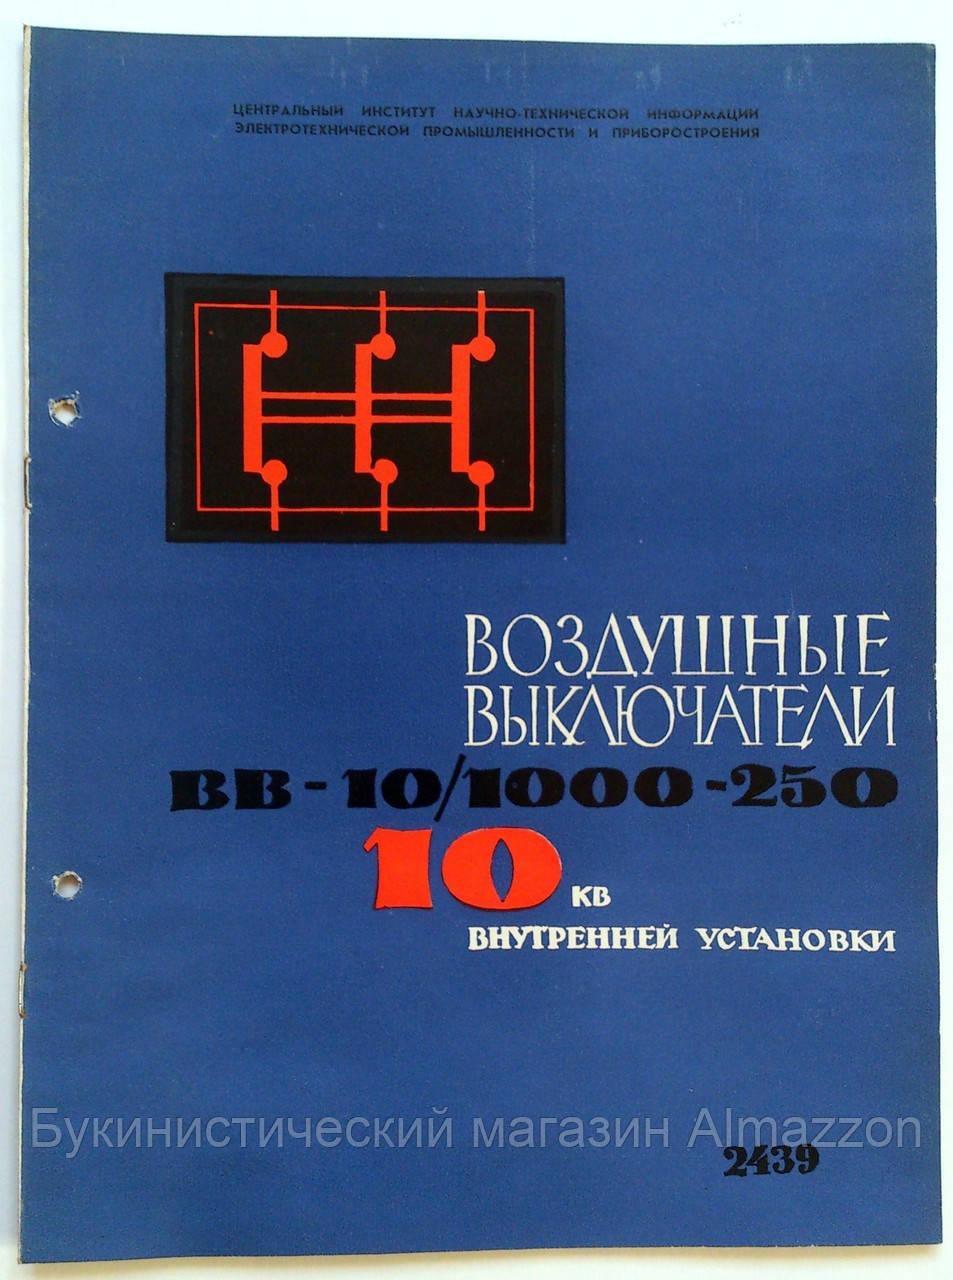 """Журнал (Бюллетень) """"Воздушные выключатели ВВ-10/1000-250 10 кв внутренней установки"""" 1961 год"""